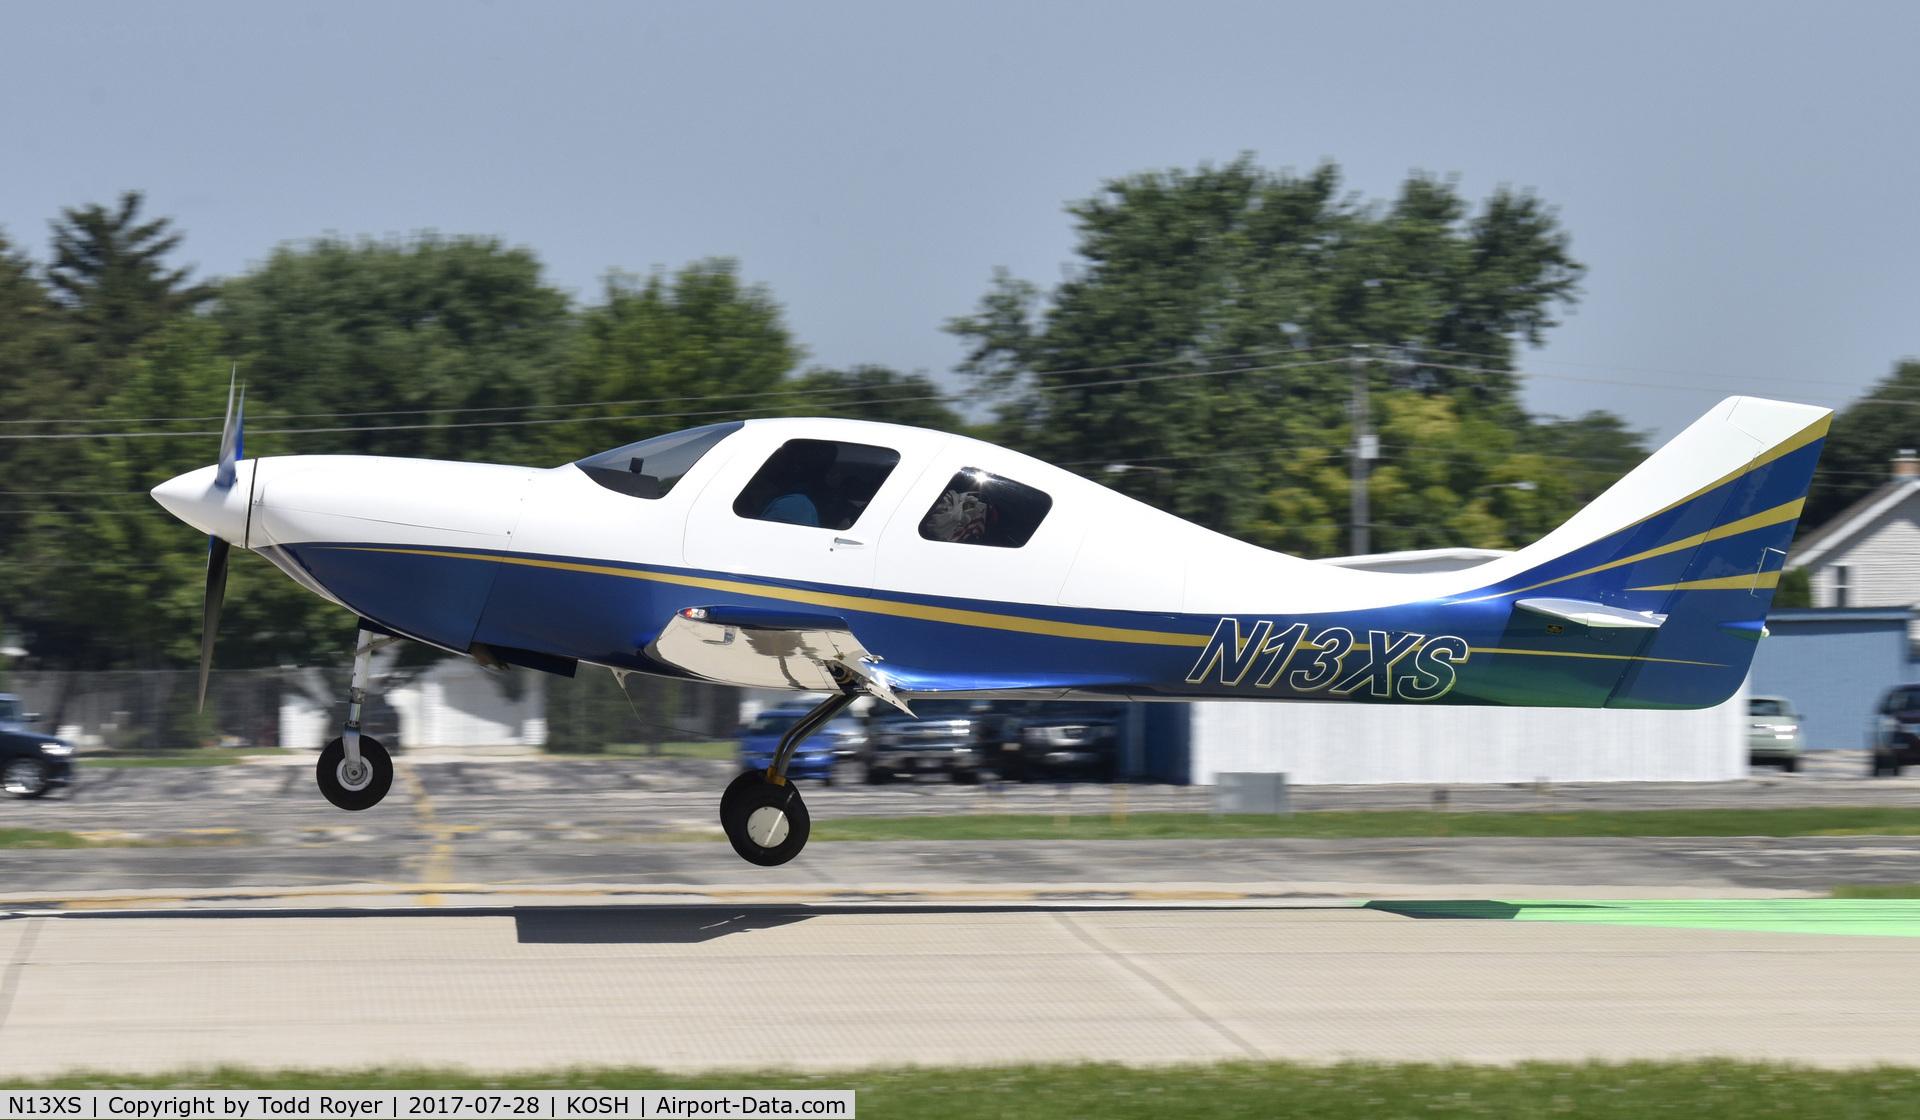 N13XS, 2007 Lancair IV C/N LIV-516-SFB-DO, Airventure 2017